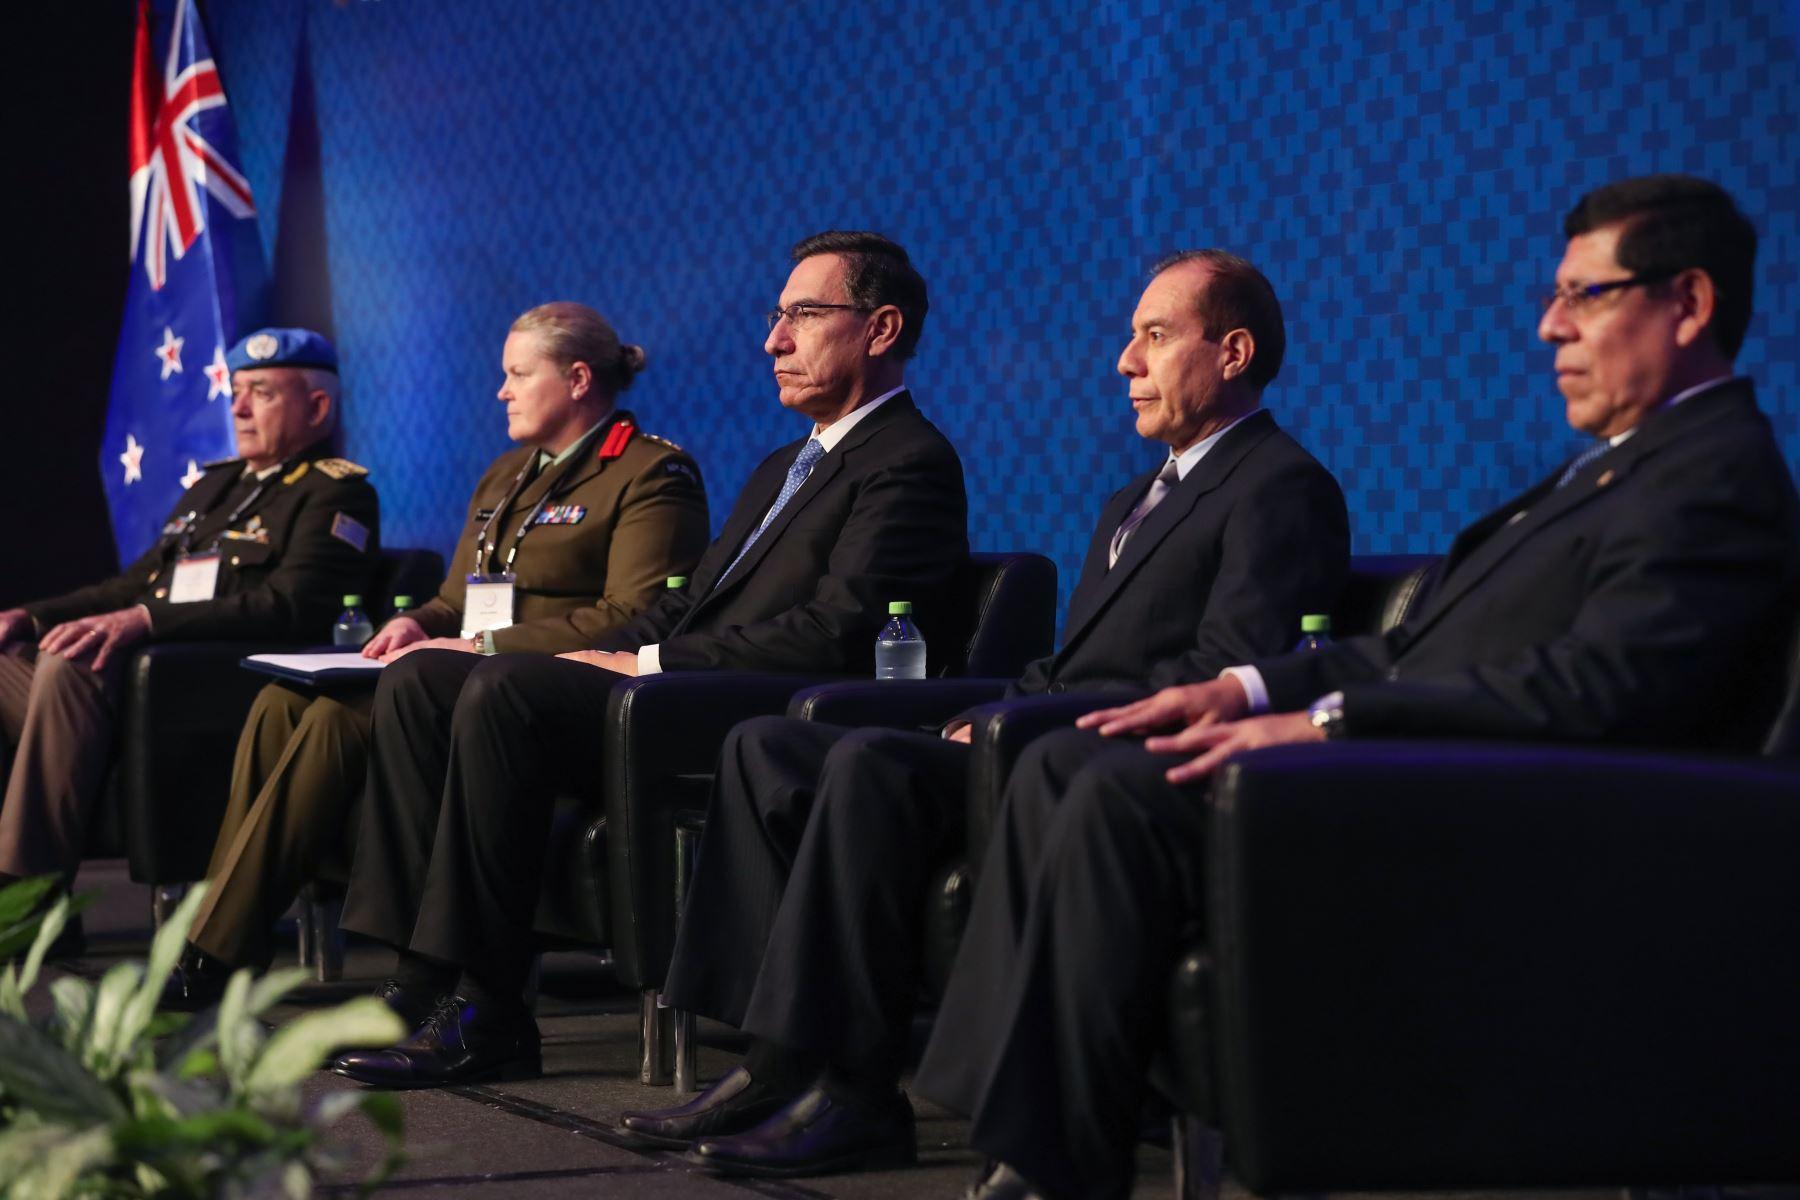 El Presidente Martin Vizcarra, participa en la 25° Conferencia Anual de la Asociación Internacional de Centros de Entrenamiento para el Mantenimiento de la Paz -IAPTC Lima 2019. Foto: MINDEF